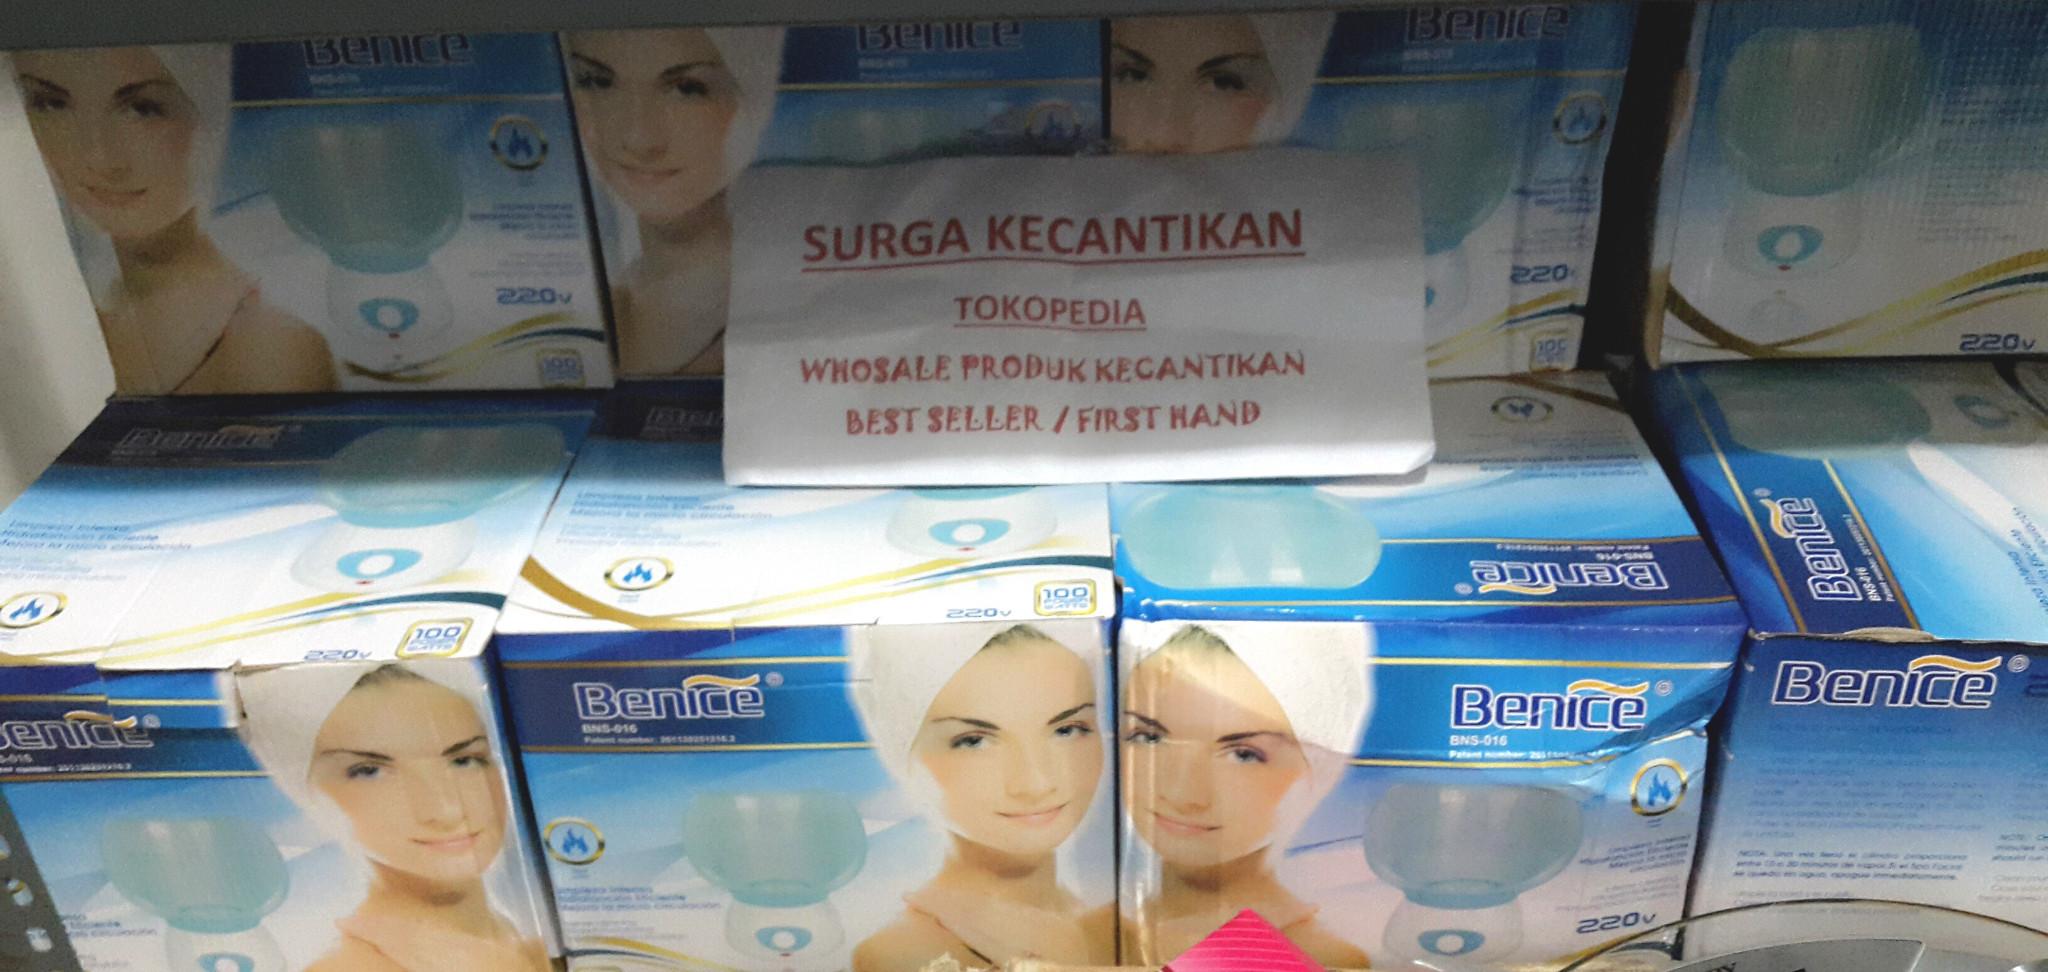 Jual Benice Facial Steam Sauna Alat Wajah Uap Perawatan Surga Kecantikan Tokopedia